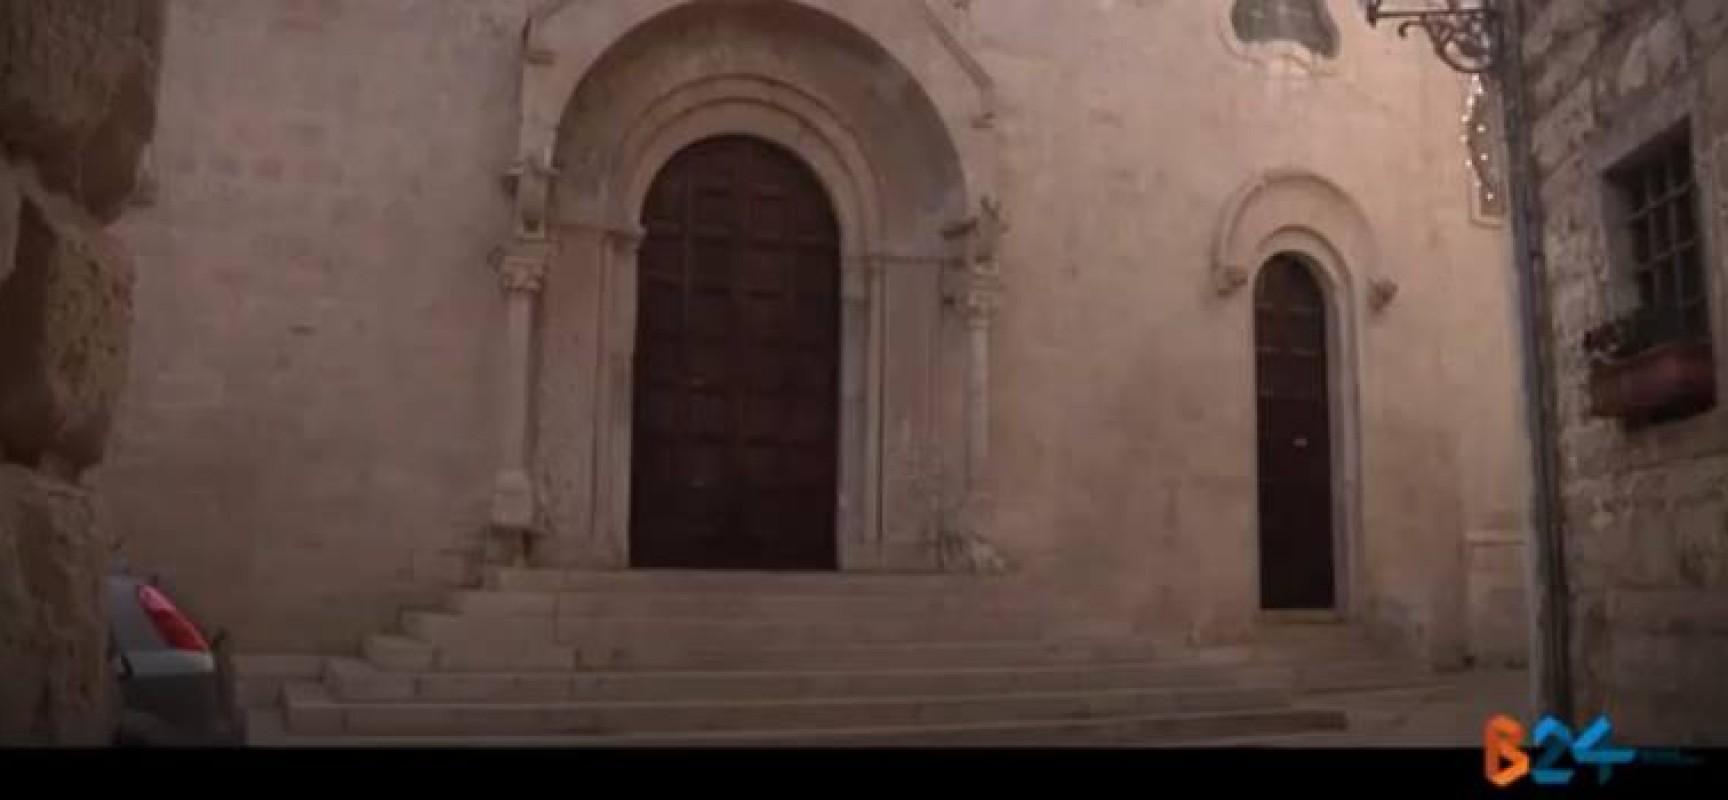 Viaggio nelle parrocchie, Don Mauro Camero racconta le difficoltà e le iniziative del quartiere